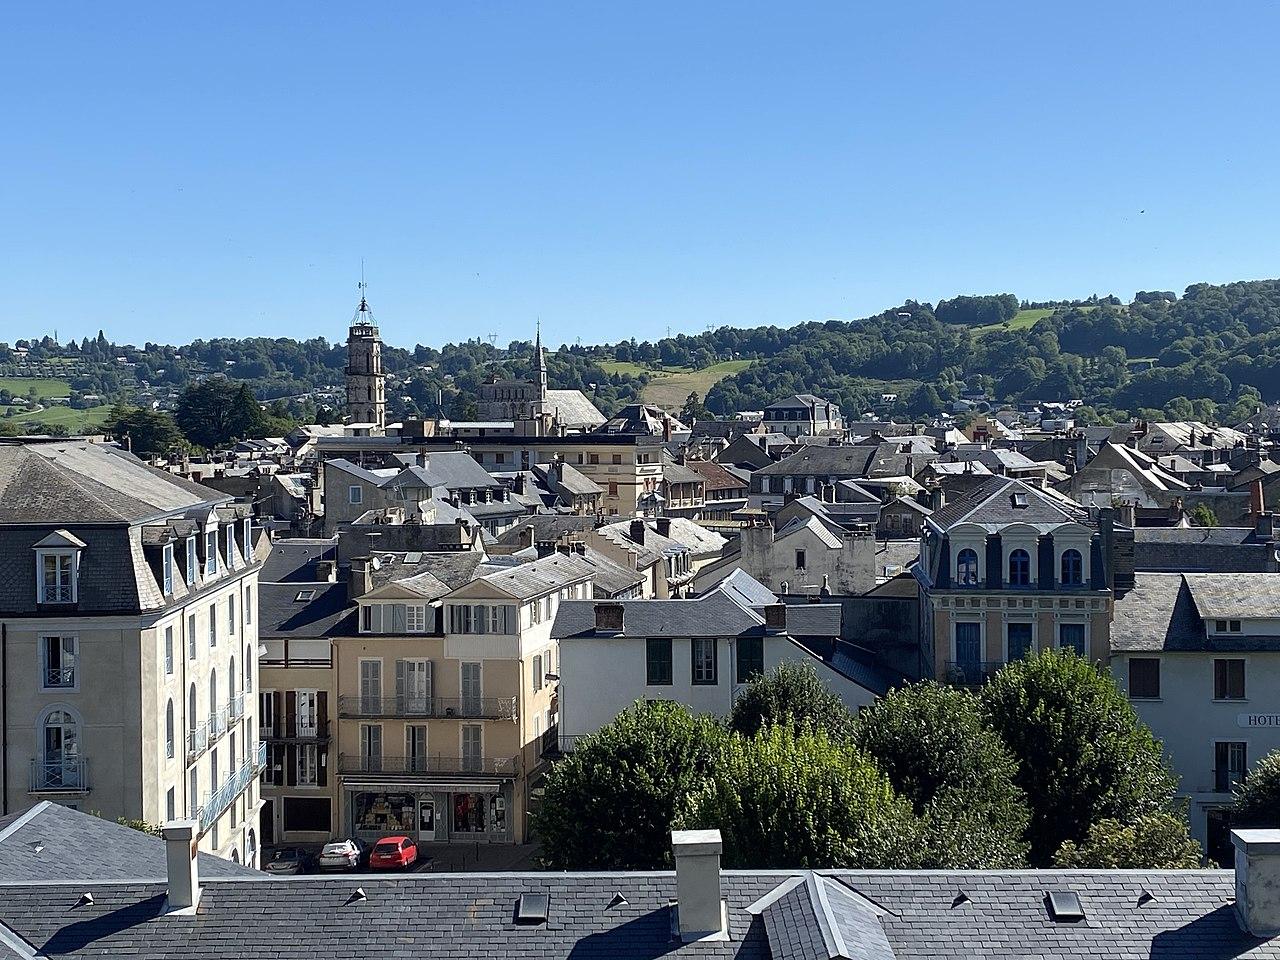 1280px-Vue_g%C3%A9n%C3%A9rale_de_Bagn%C3%A8res-de-Bigorre_%28Tour_des_Jacobins_et_%C3%89glise_Saint-Vincent%29.jpg